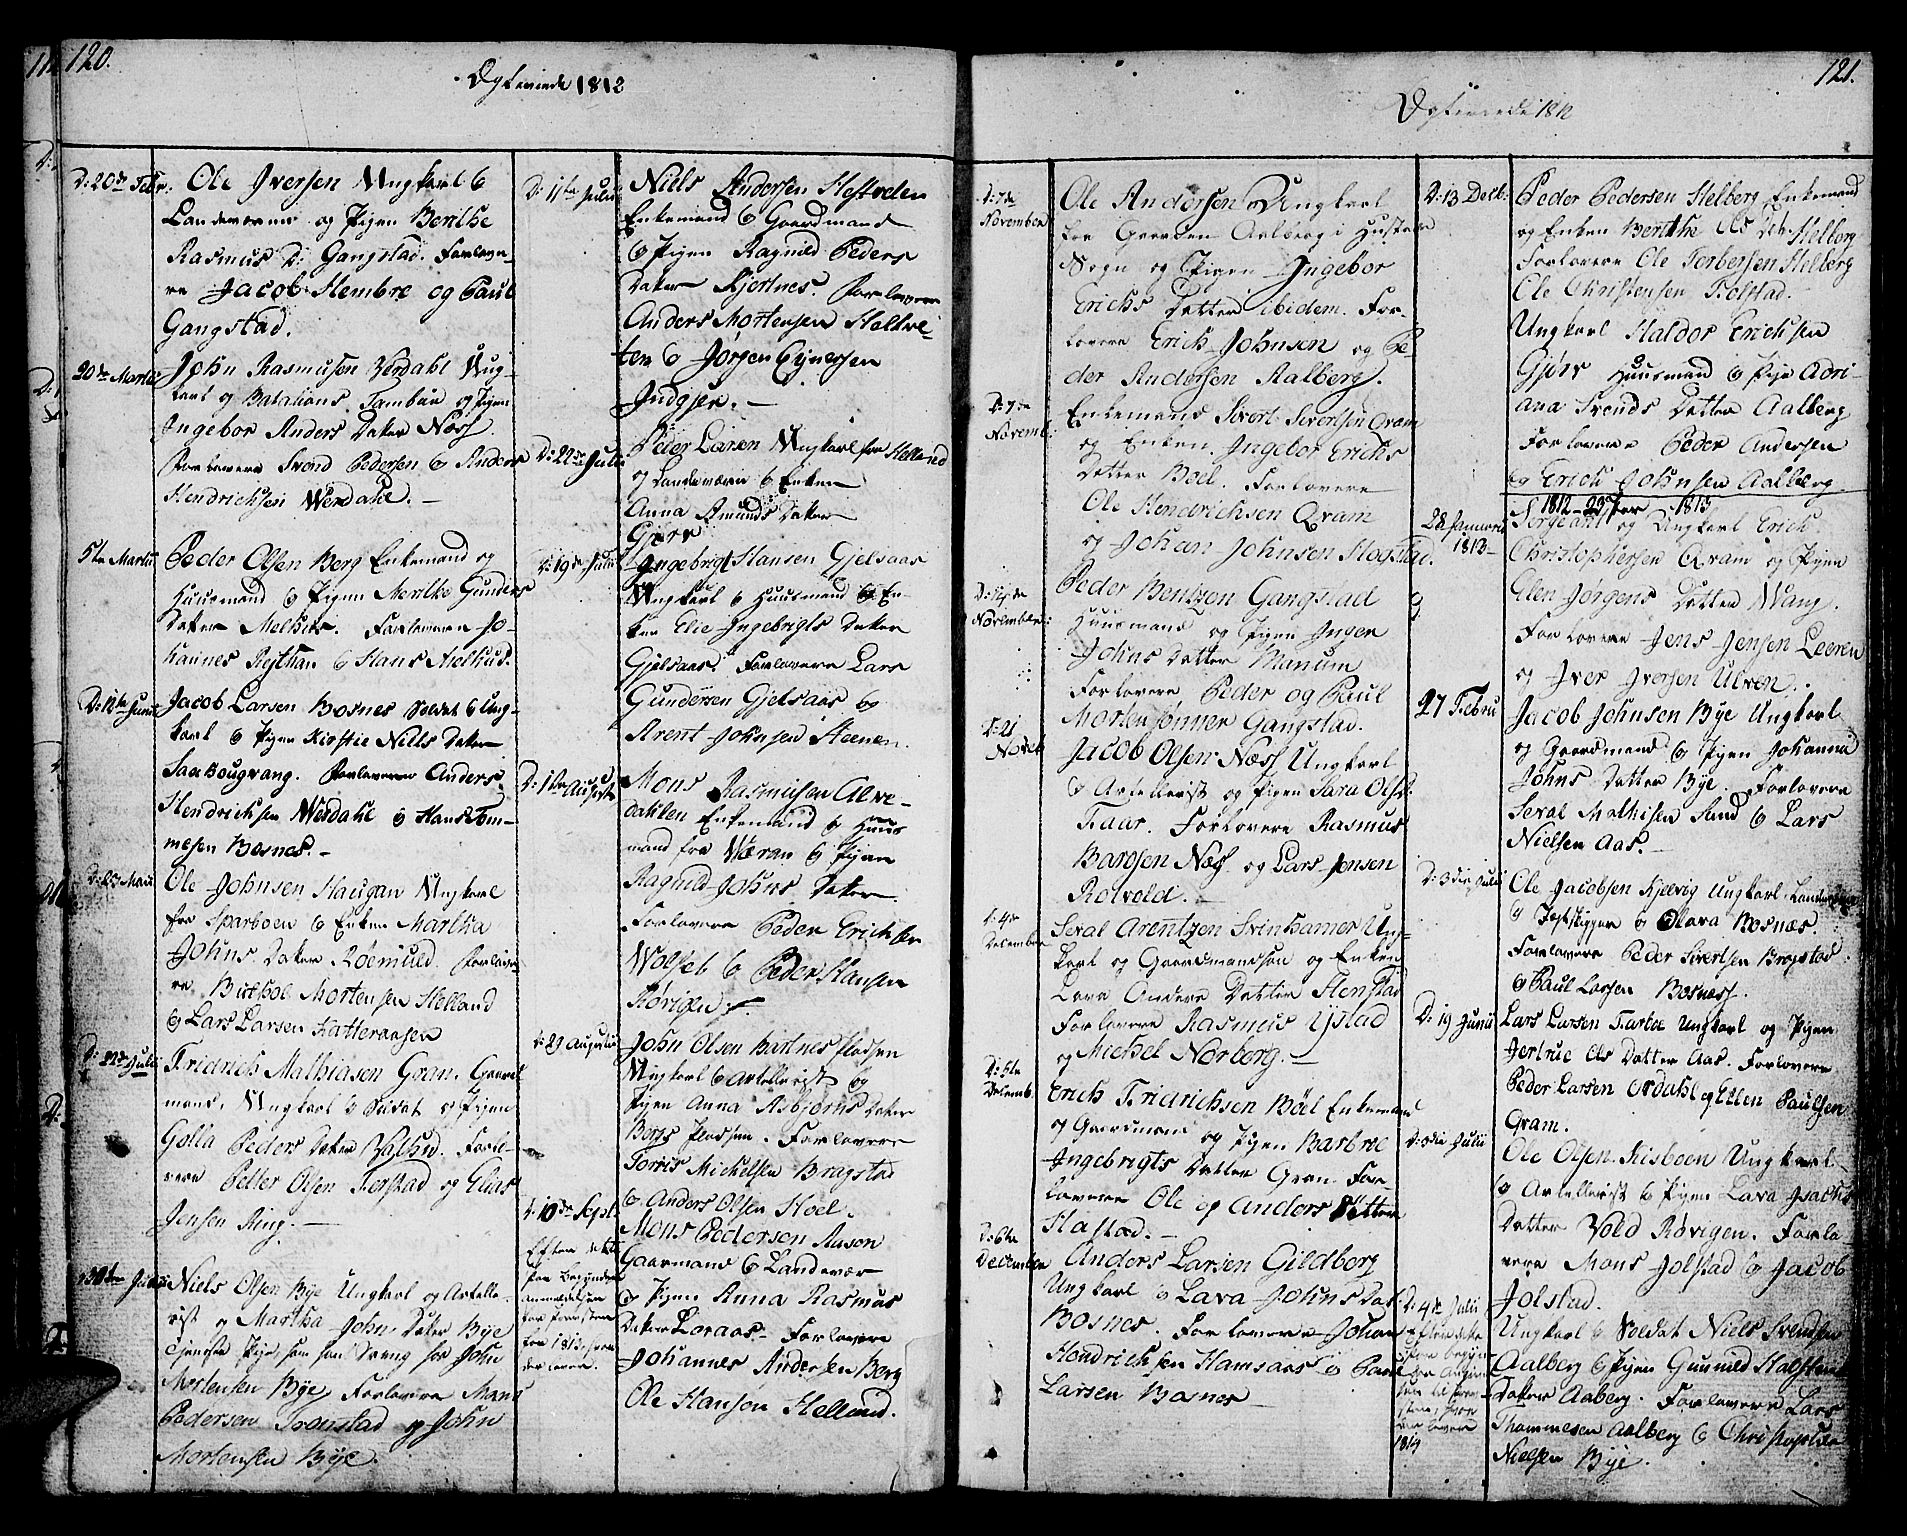 SAT, Ministerialprotokoller, klokkerbøker og fødselsregistre - Nord-Trøndelag, 730/L0274: Ministerialbok nr. 730A03, 1802-1816, s. 120-121